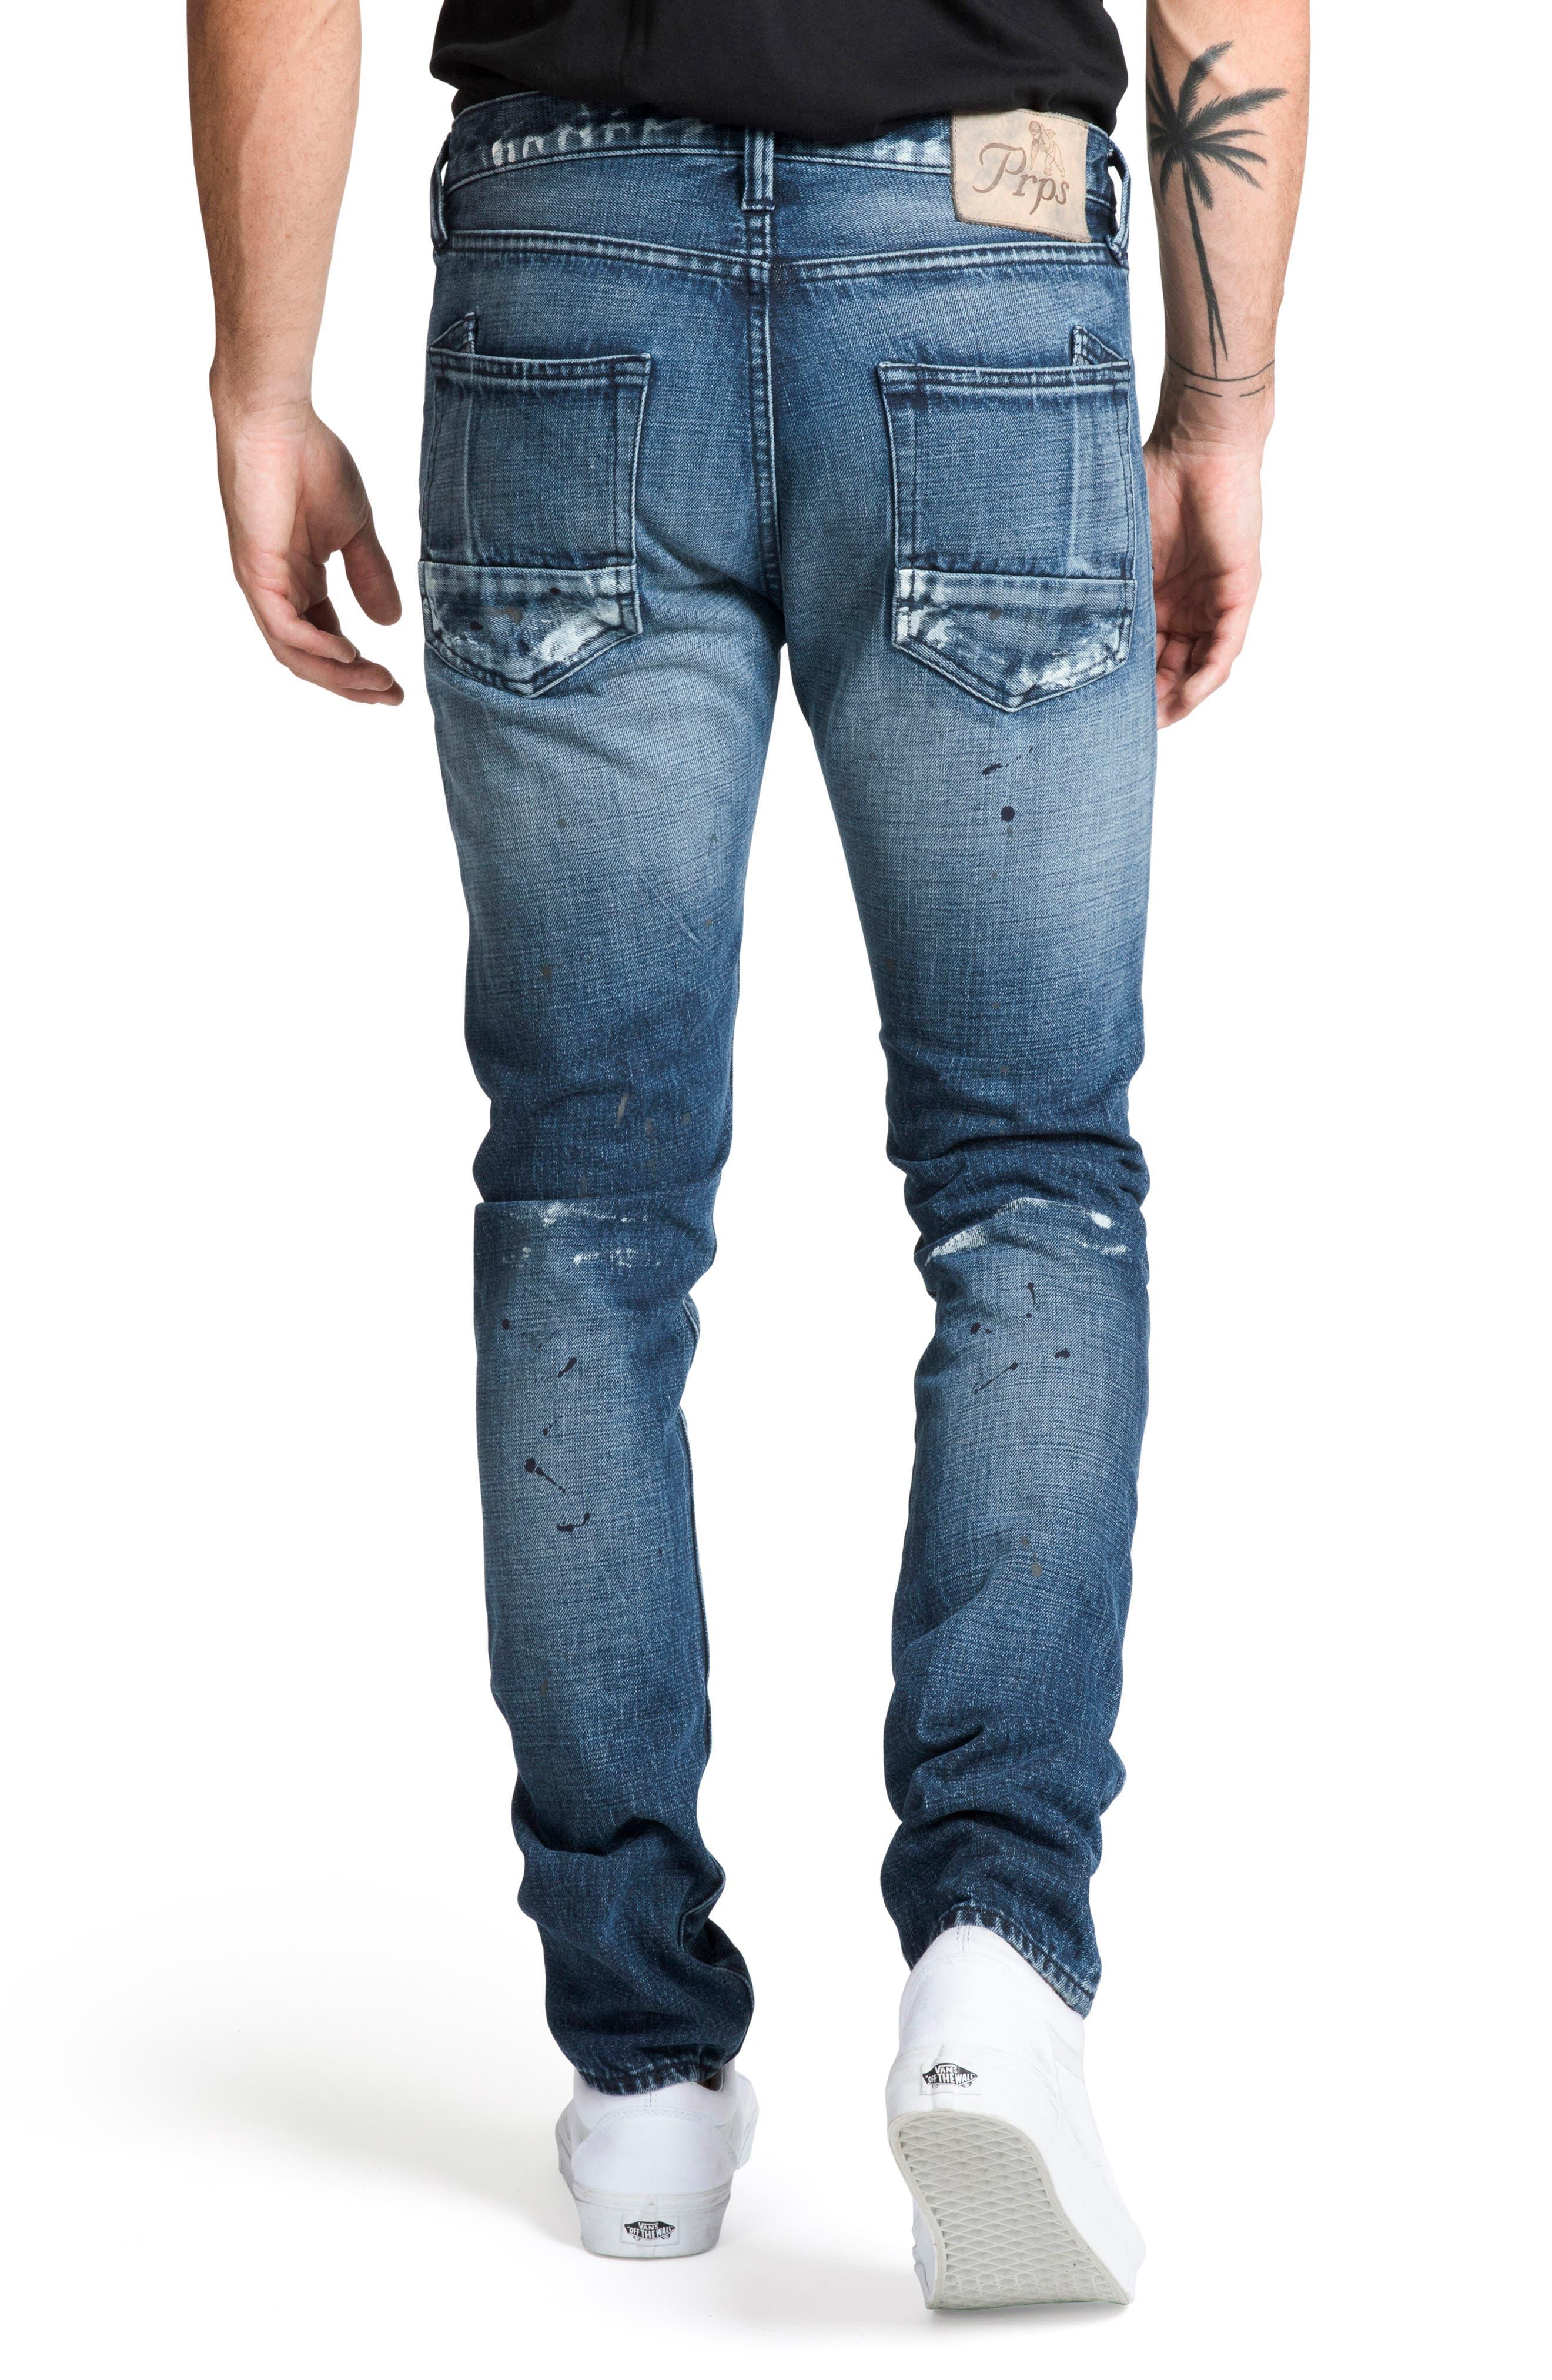 Le Sabre Slim Fit Jeans,                             Alternate thumbnail 2, color,                             PERPETUAL